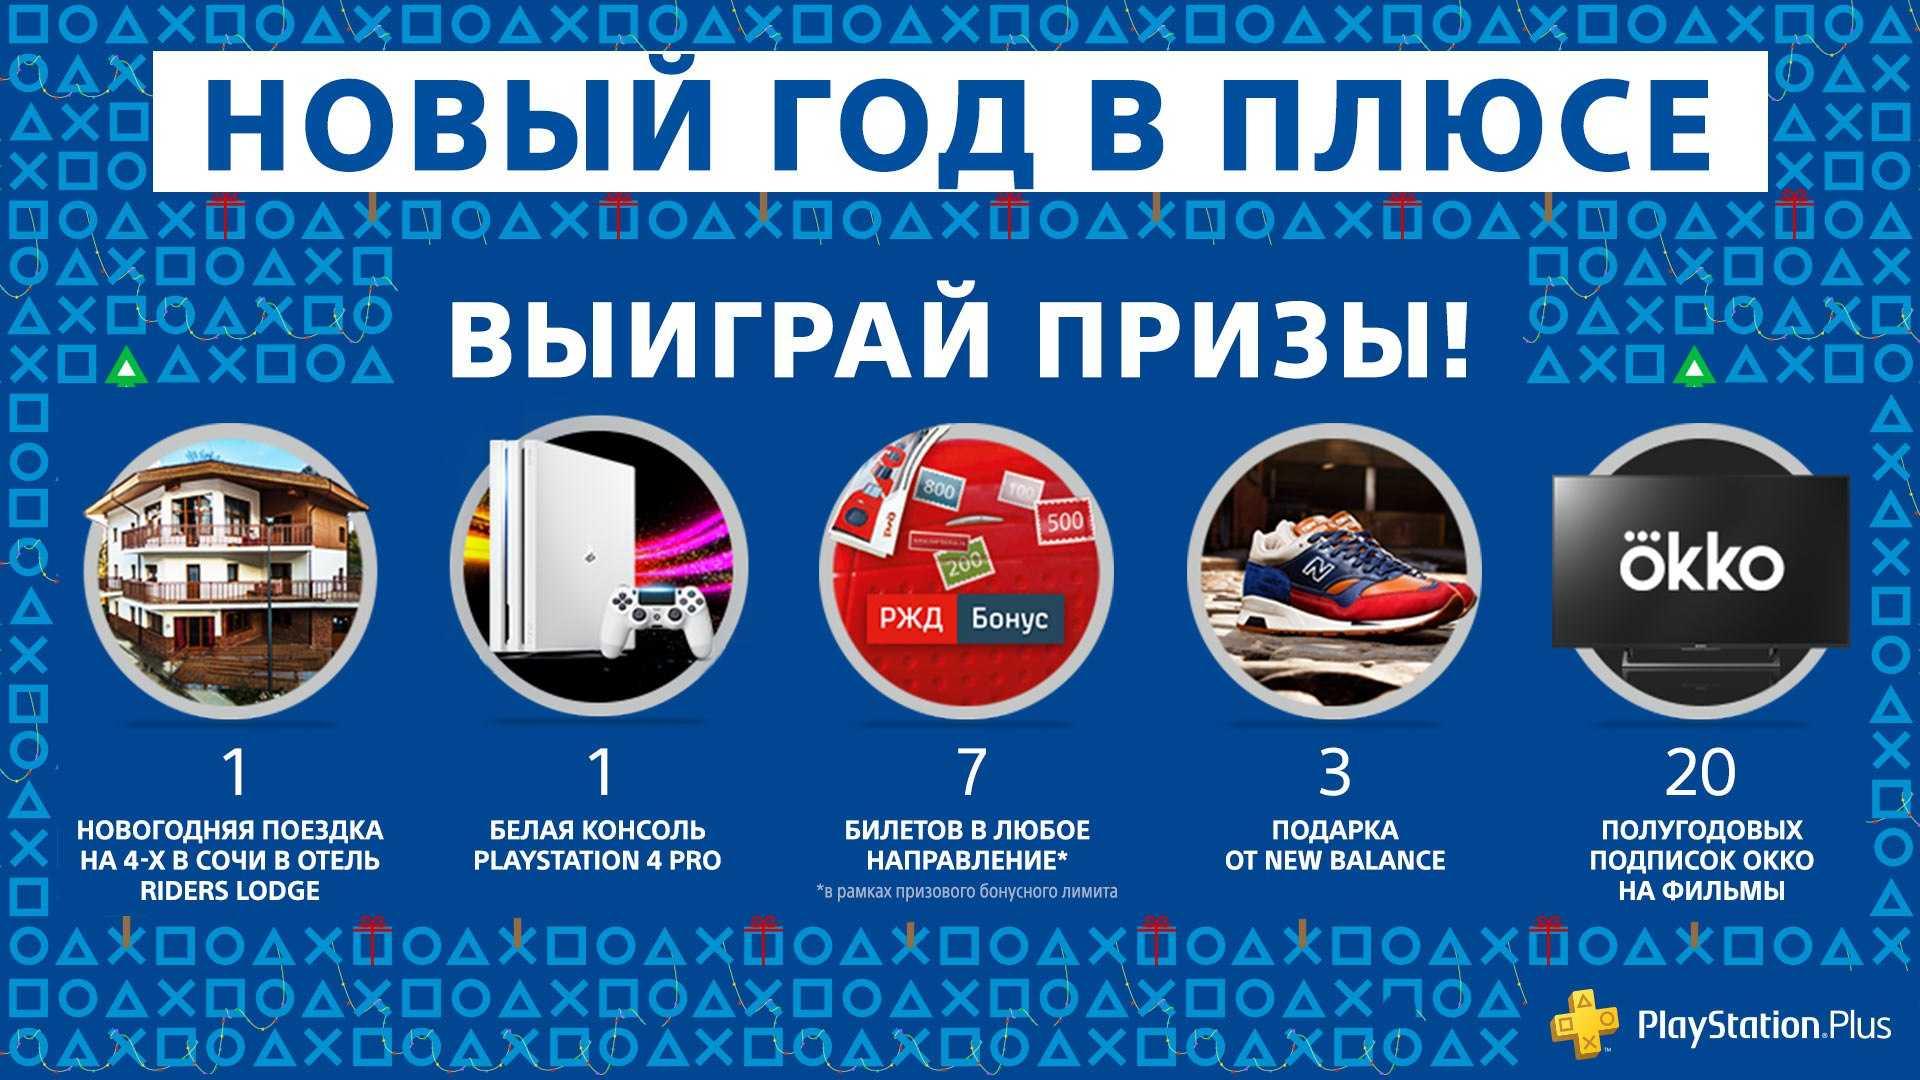 Российское лото - всероссийская официальная лотерея   стоп обман